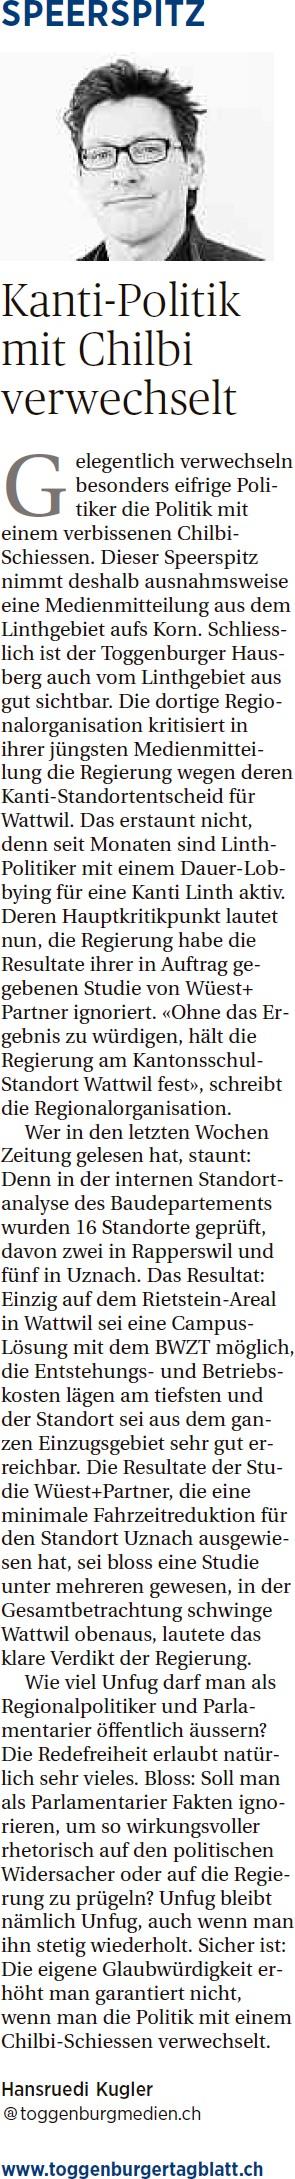 Kanti-Politik mit Chilbi verwechselt (Freitag, 20.06.2014)